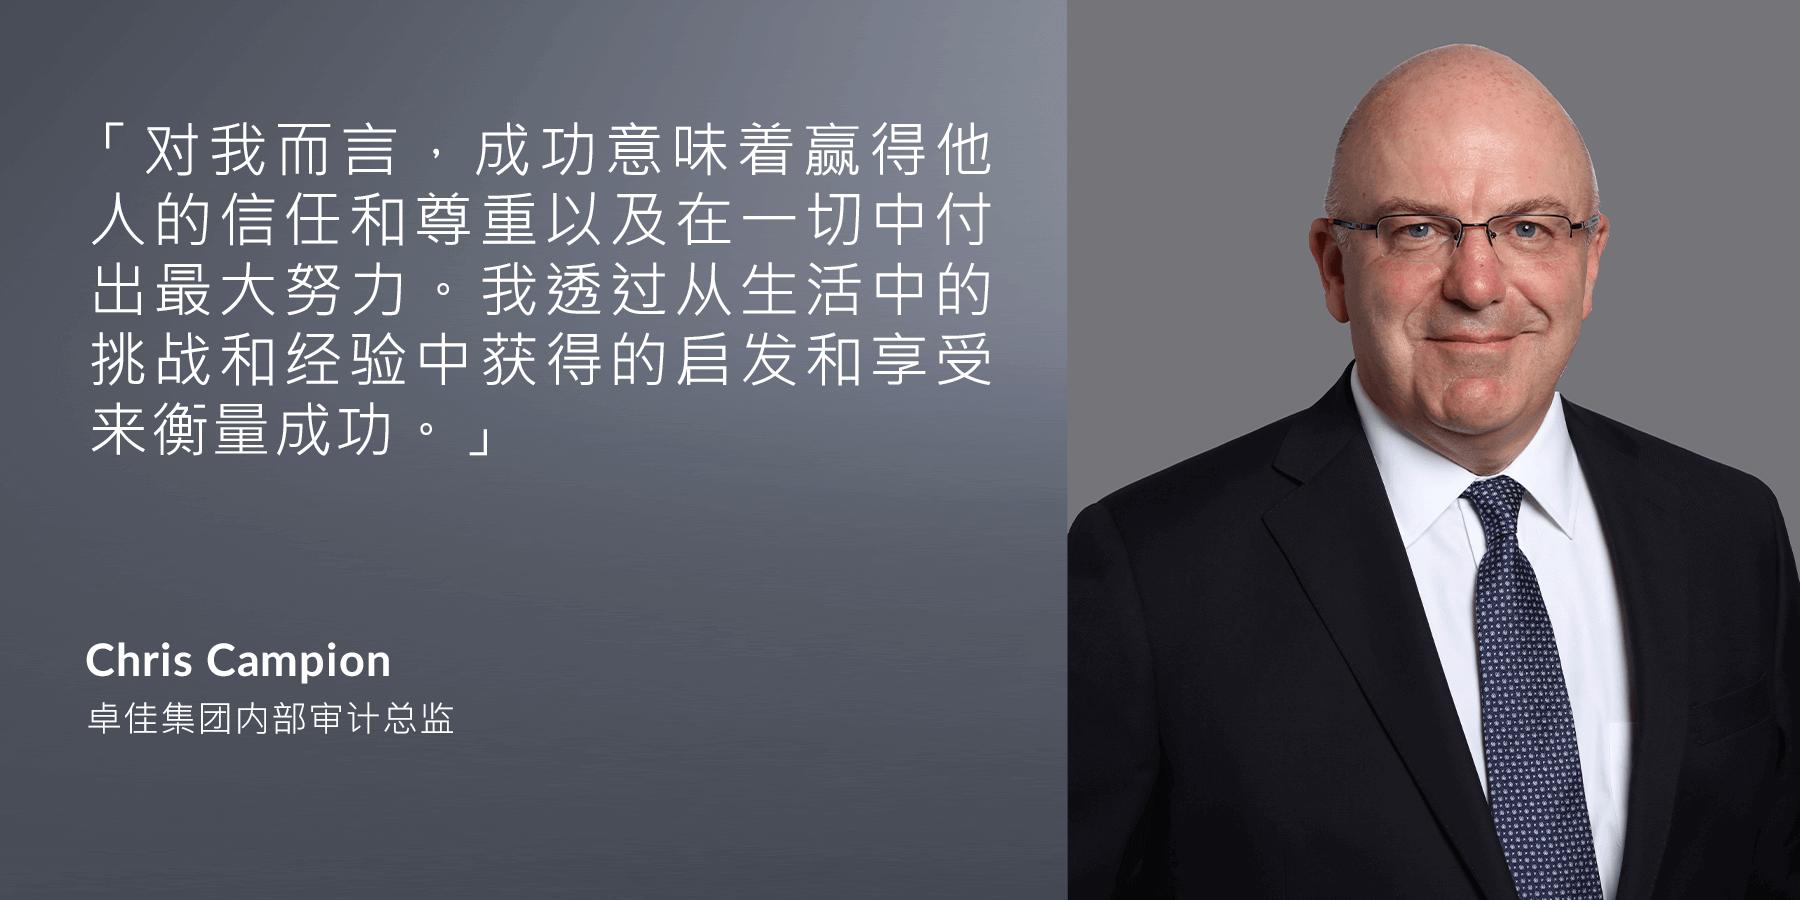 Chris Campion - 集团内部审计总监